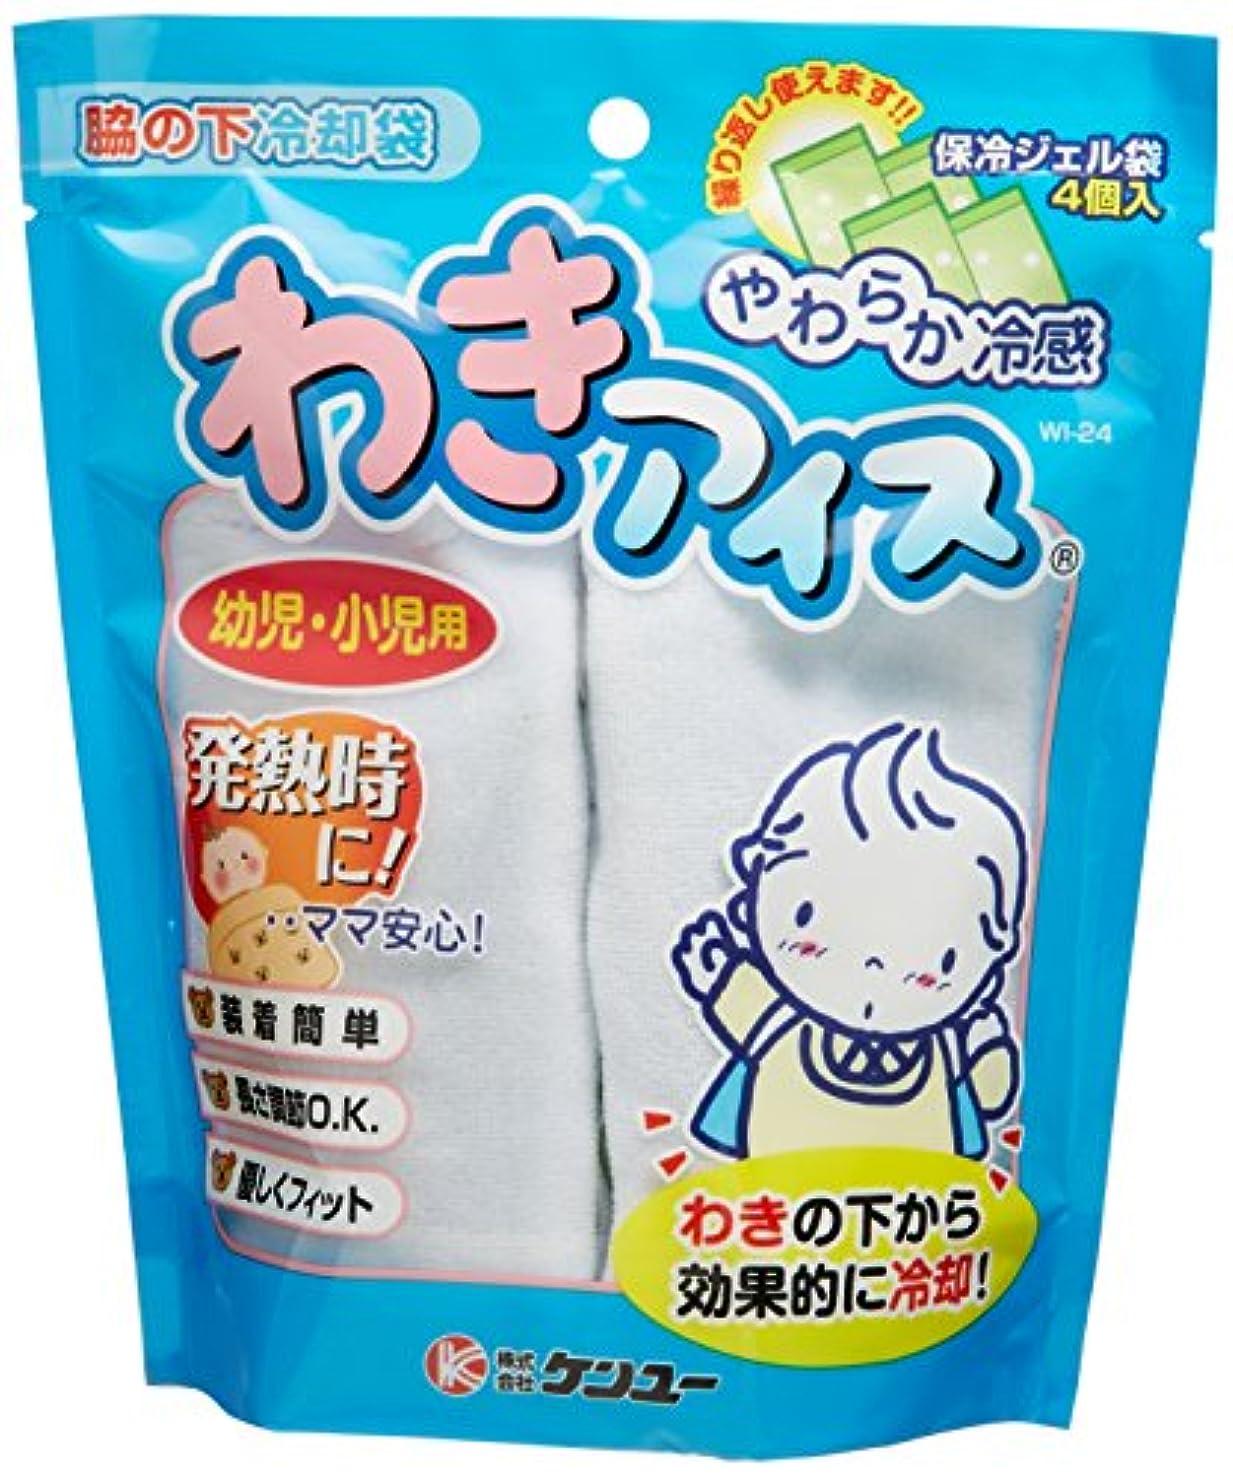 そのような概念マッシュケンユー お子様の急な発熱時 熱中対策 脇の下冷却袋 わきアイス 幼児?小児用